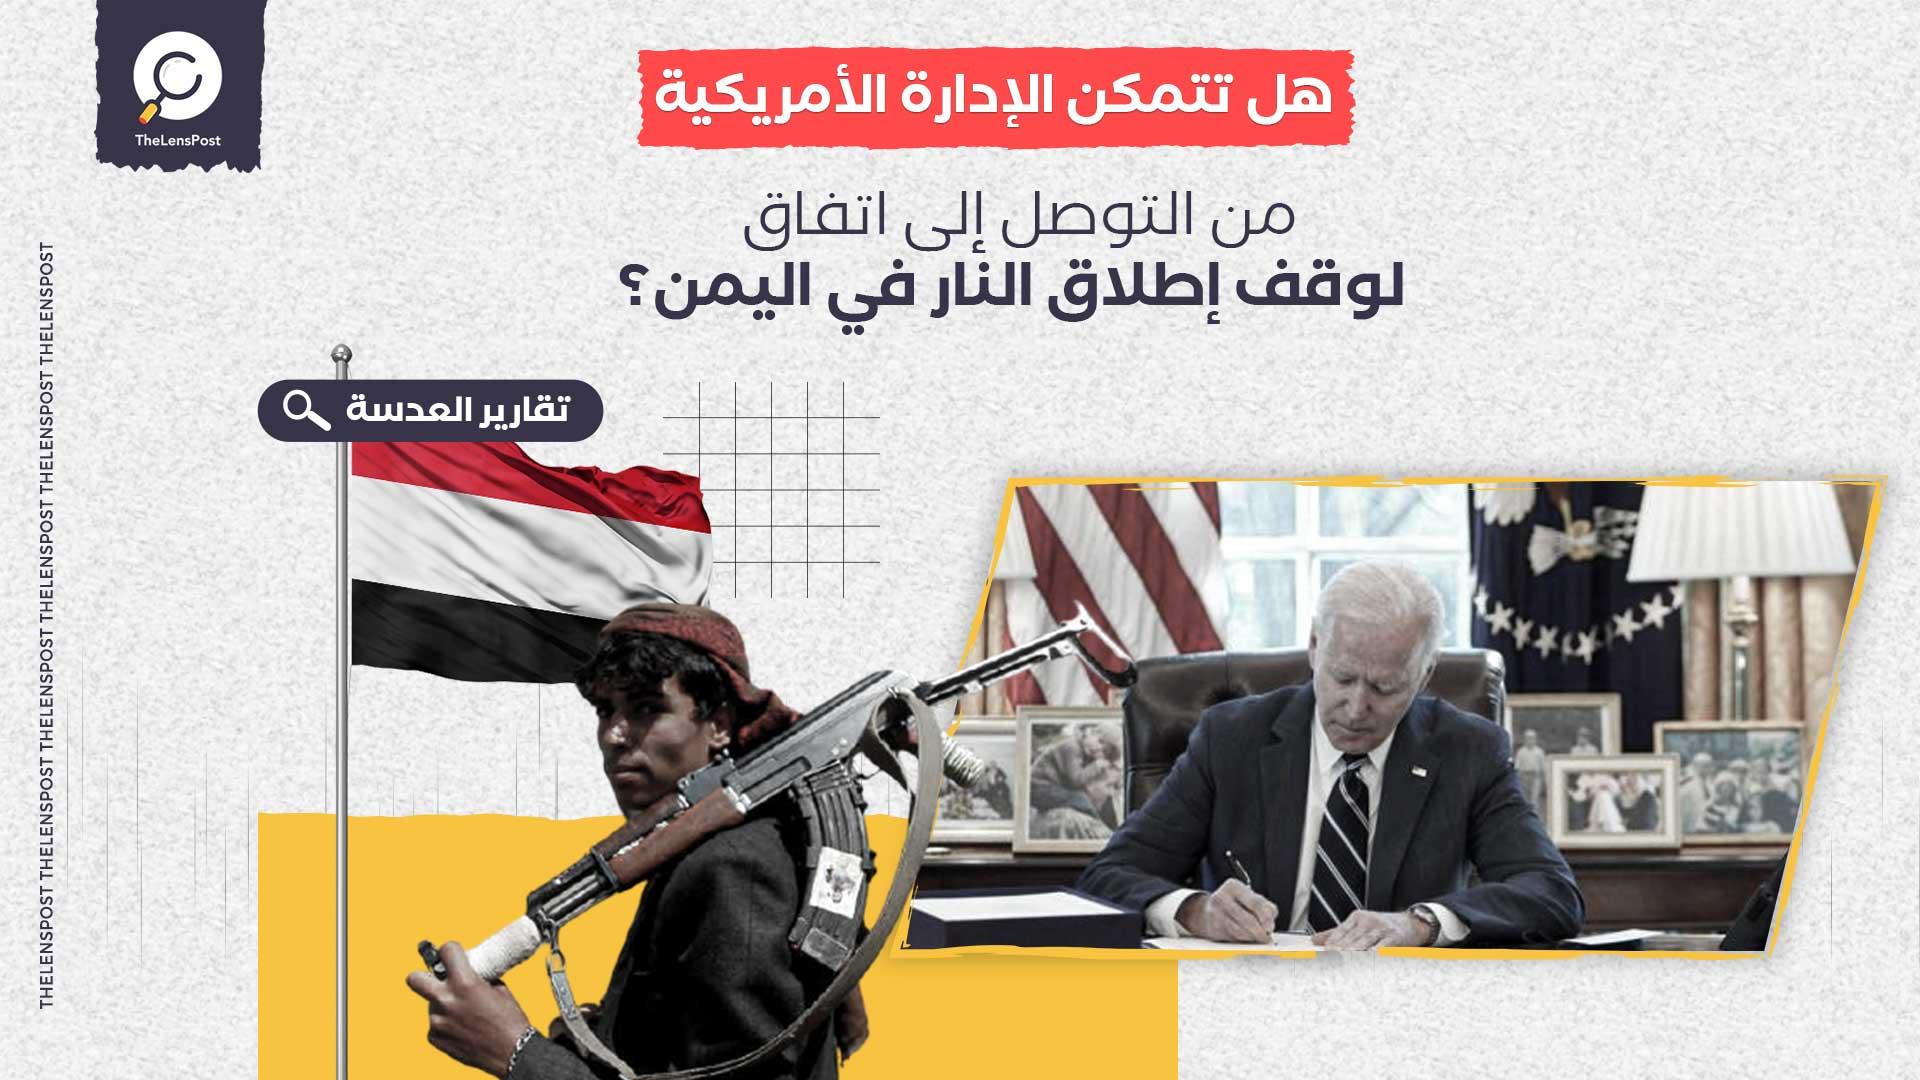 هل تتمكن الإدارة الأمريكية من التوصل إلى اتفاق لوقف إطلاق النار في اليمن؟